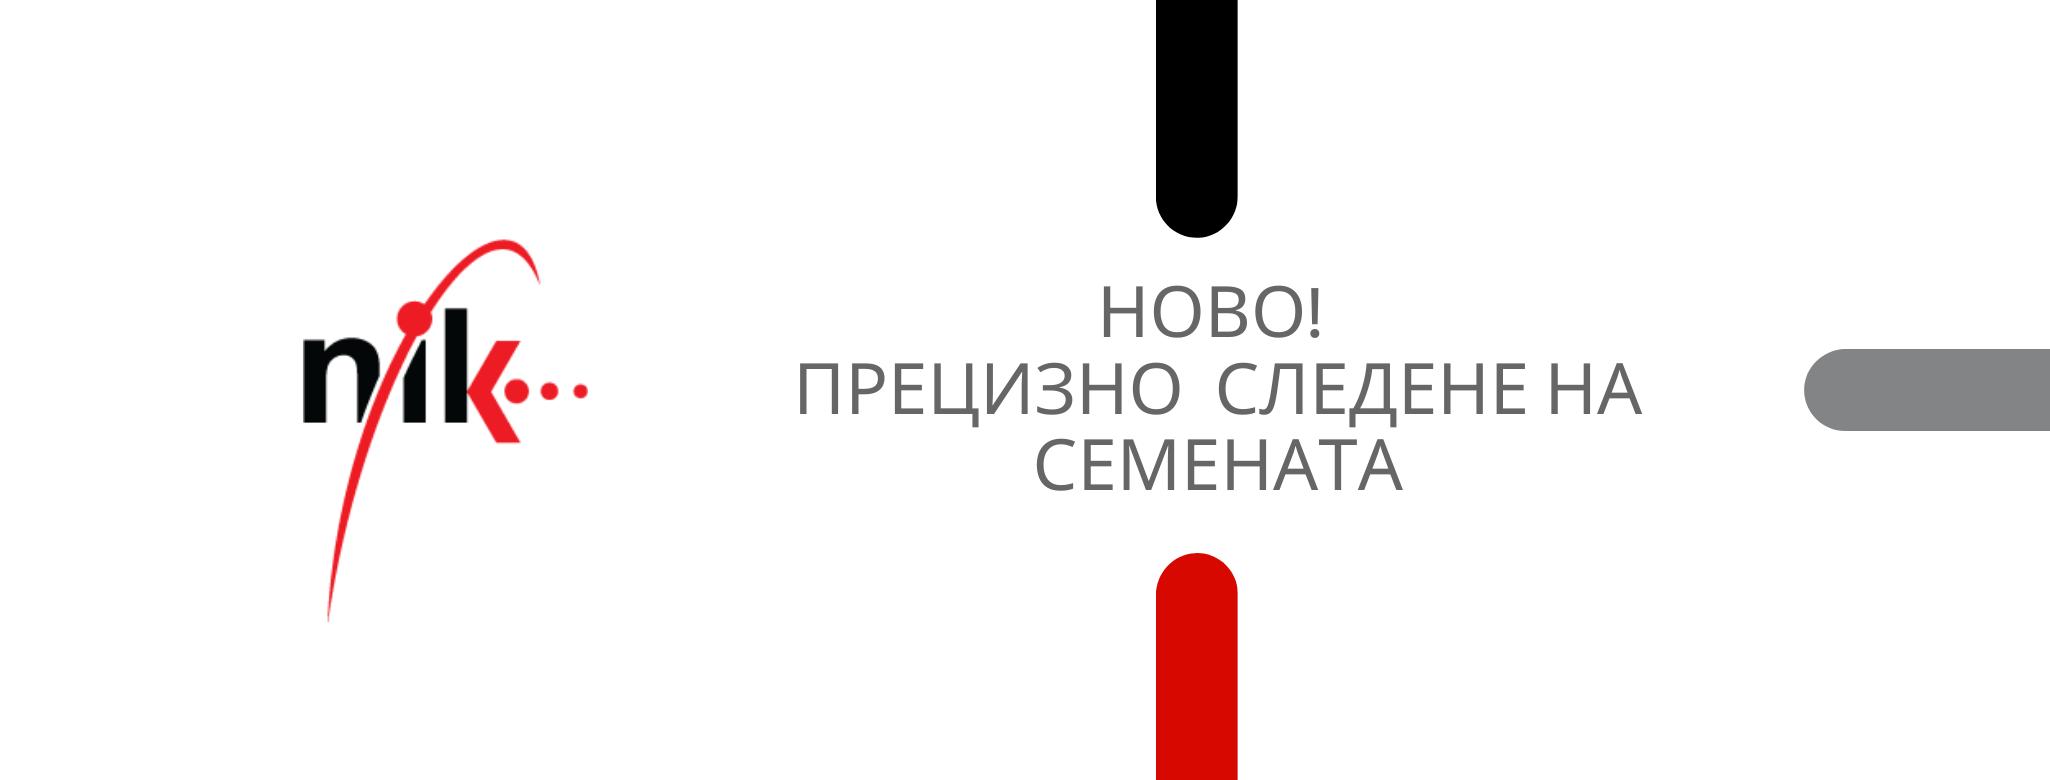 heading image